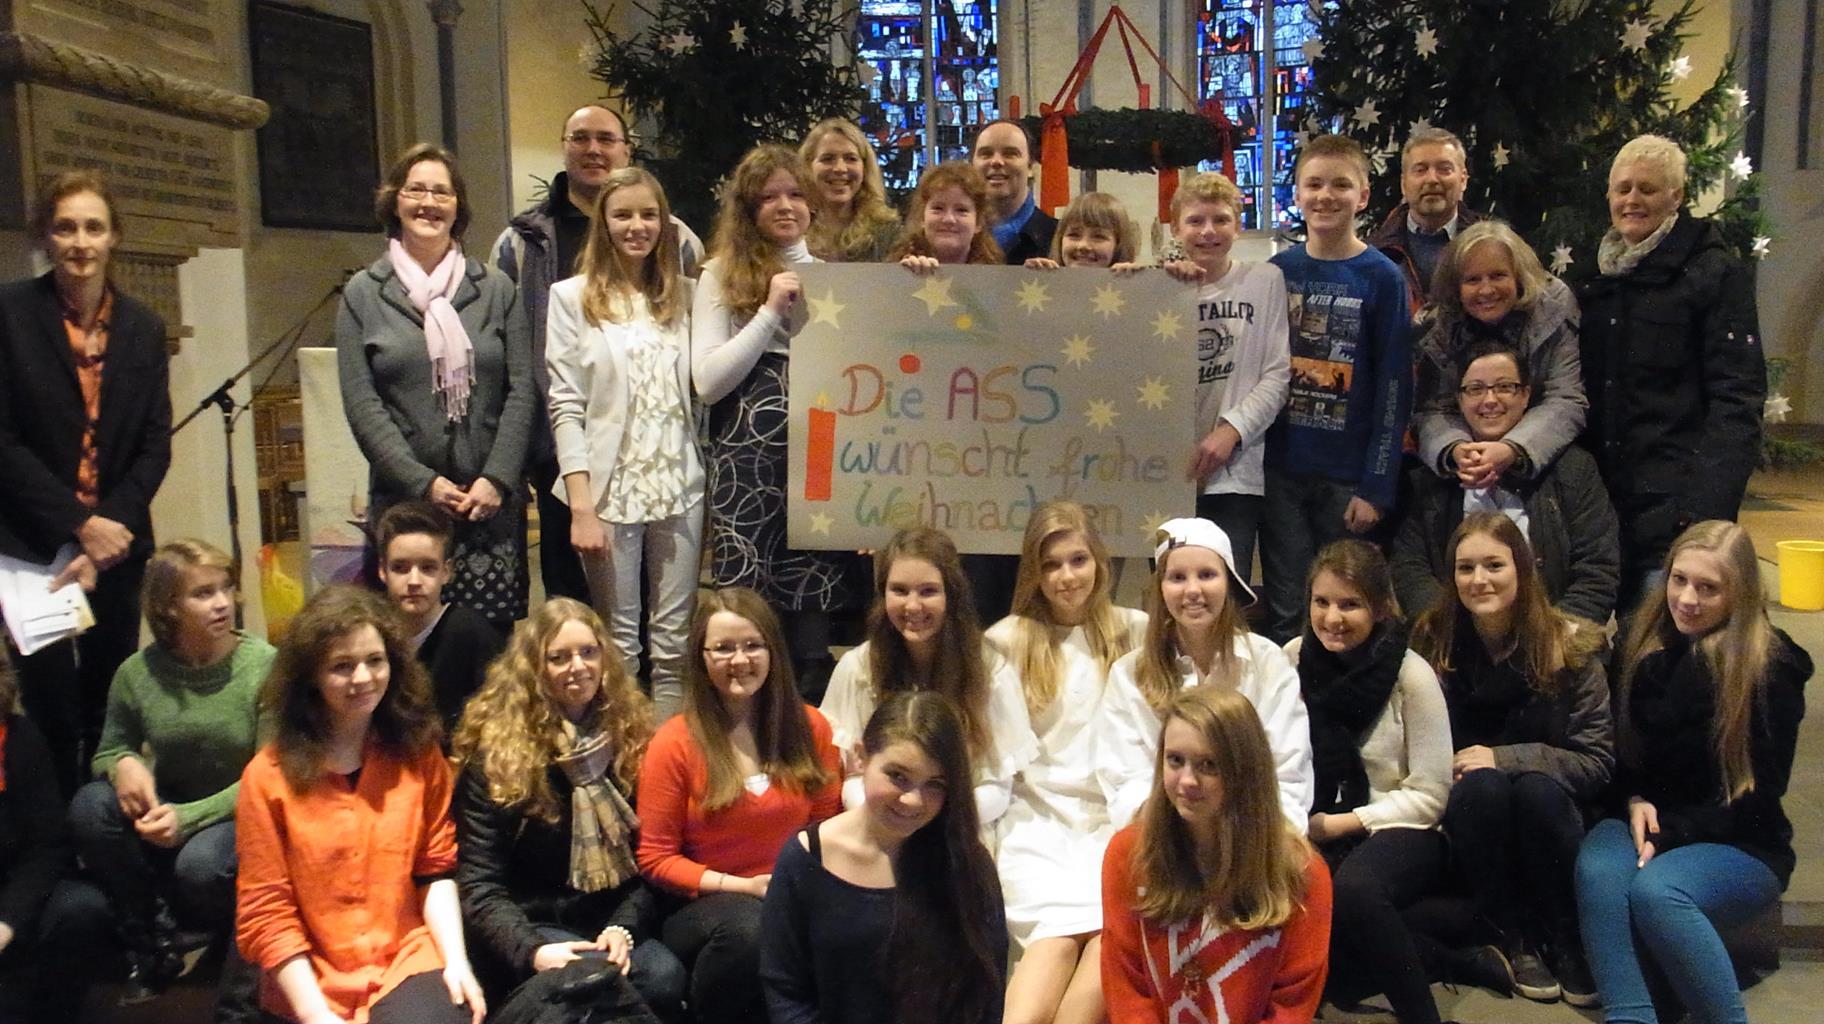 Freudig, frohgemut und frisch gesegnet in die Festtage: Weihnachtsandacht der Albert-Schweitzer-Schule findet großen Zuspruch